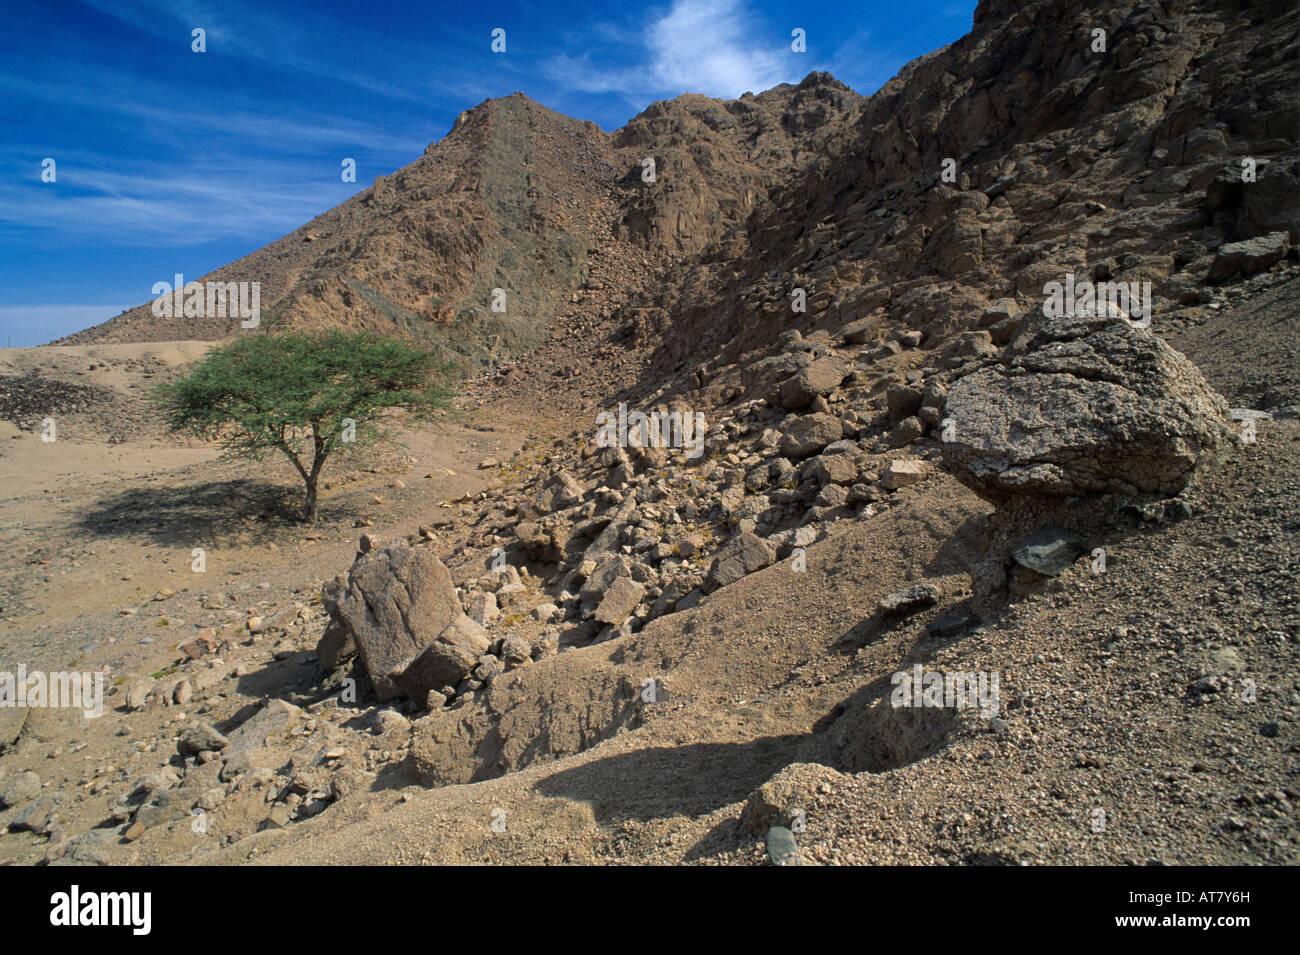 Tree in desert Nuweiba Egypt Oktober 1997 - Stock Image